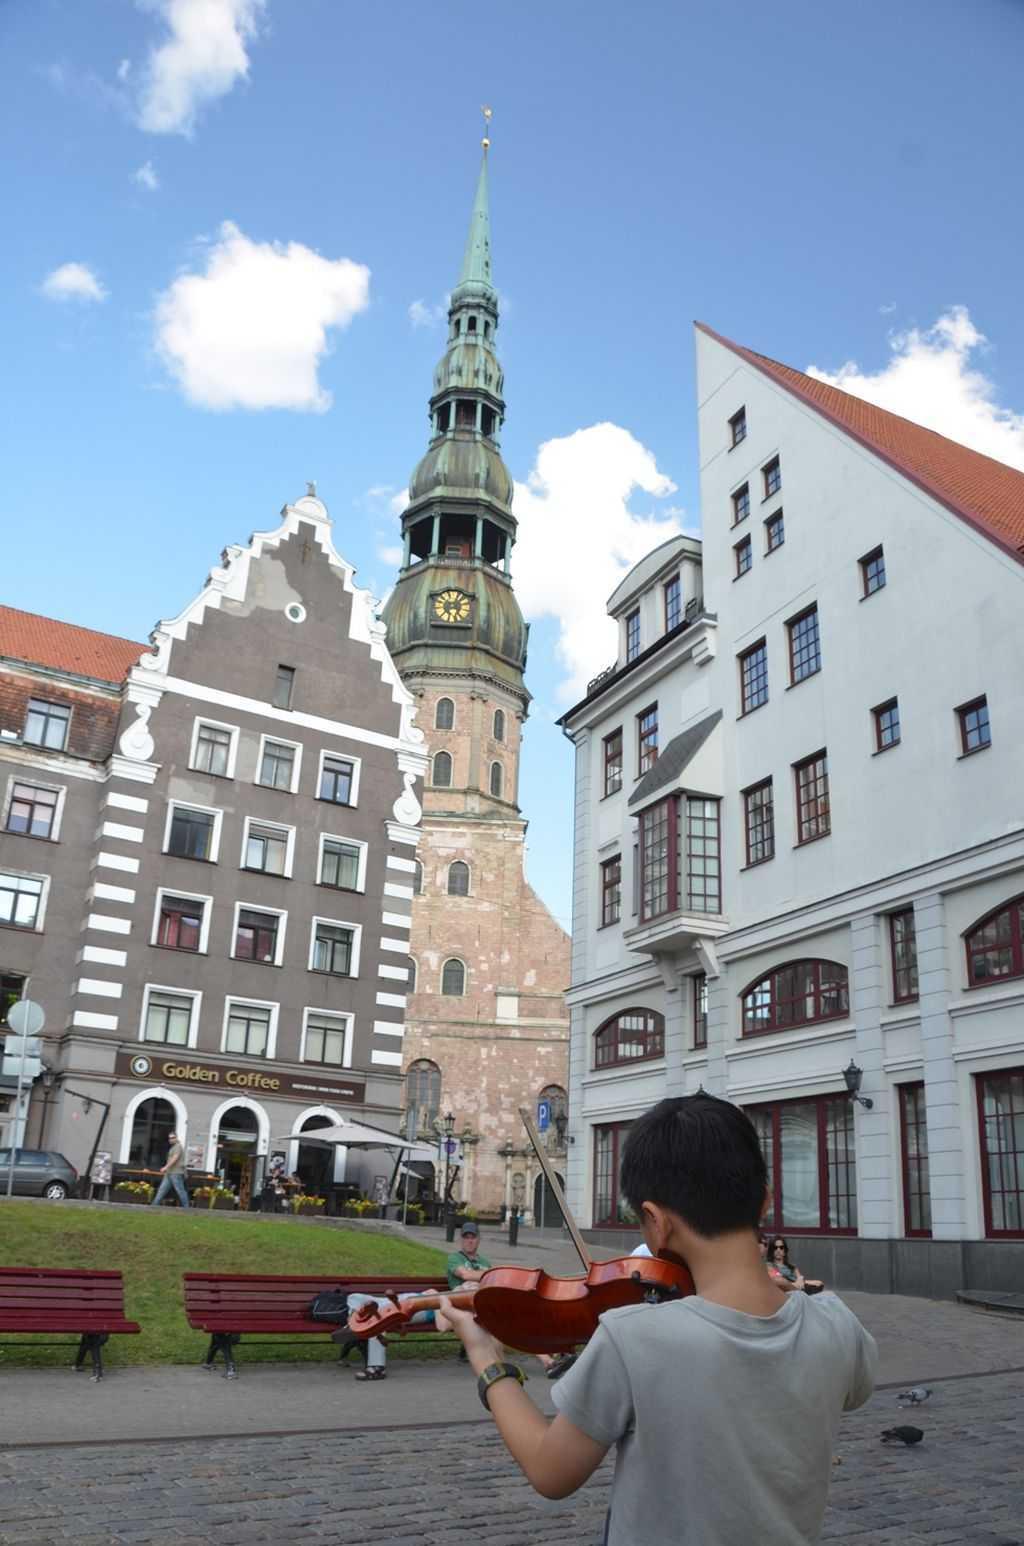 St. Peter's Kilisesi önündeki Çinli kemancı çocuk - Riga